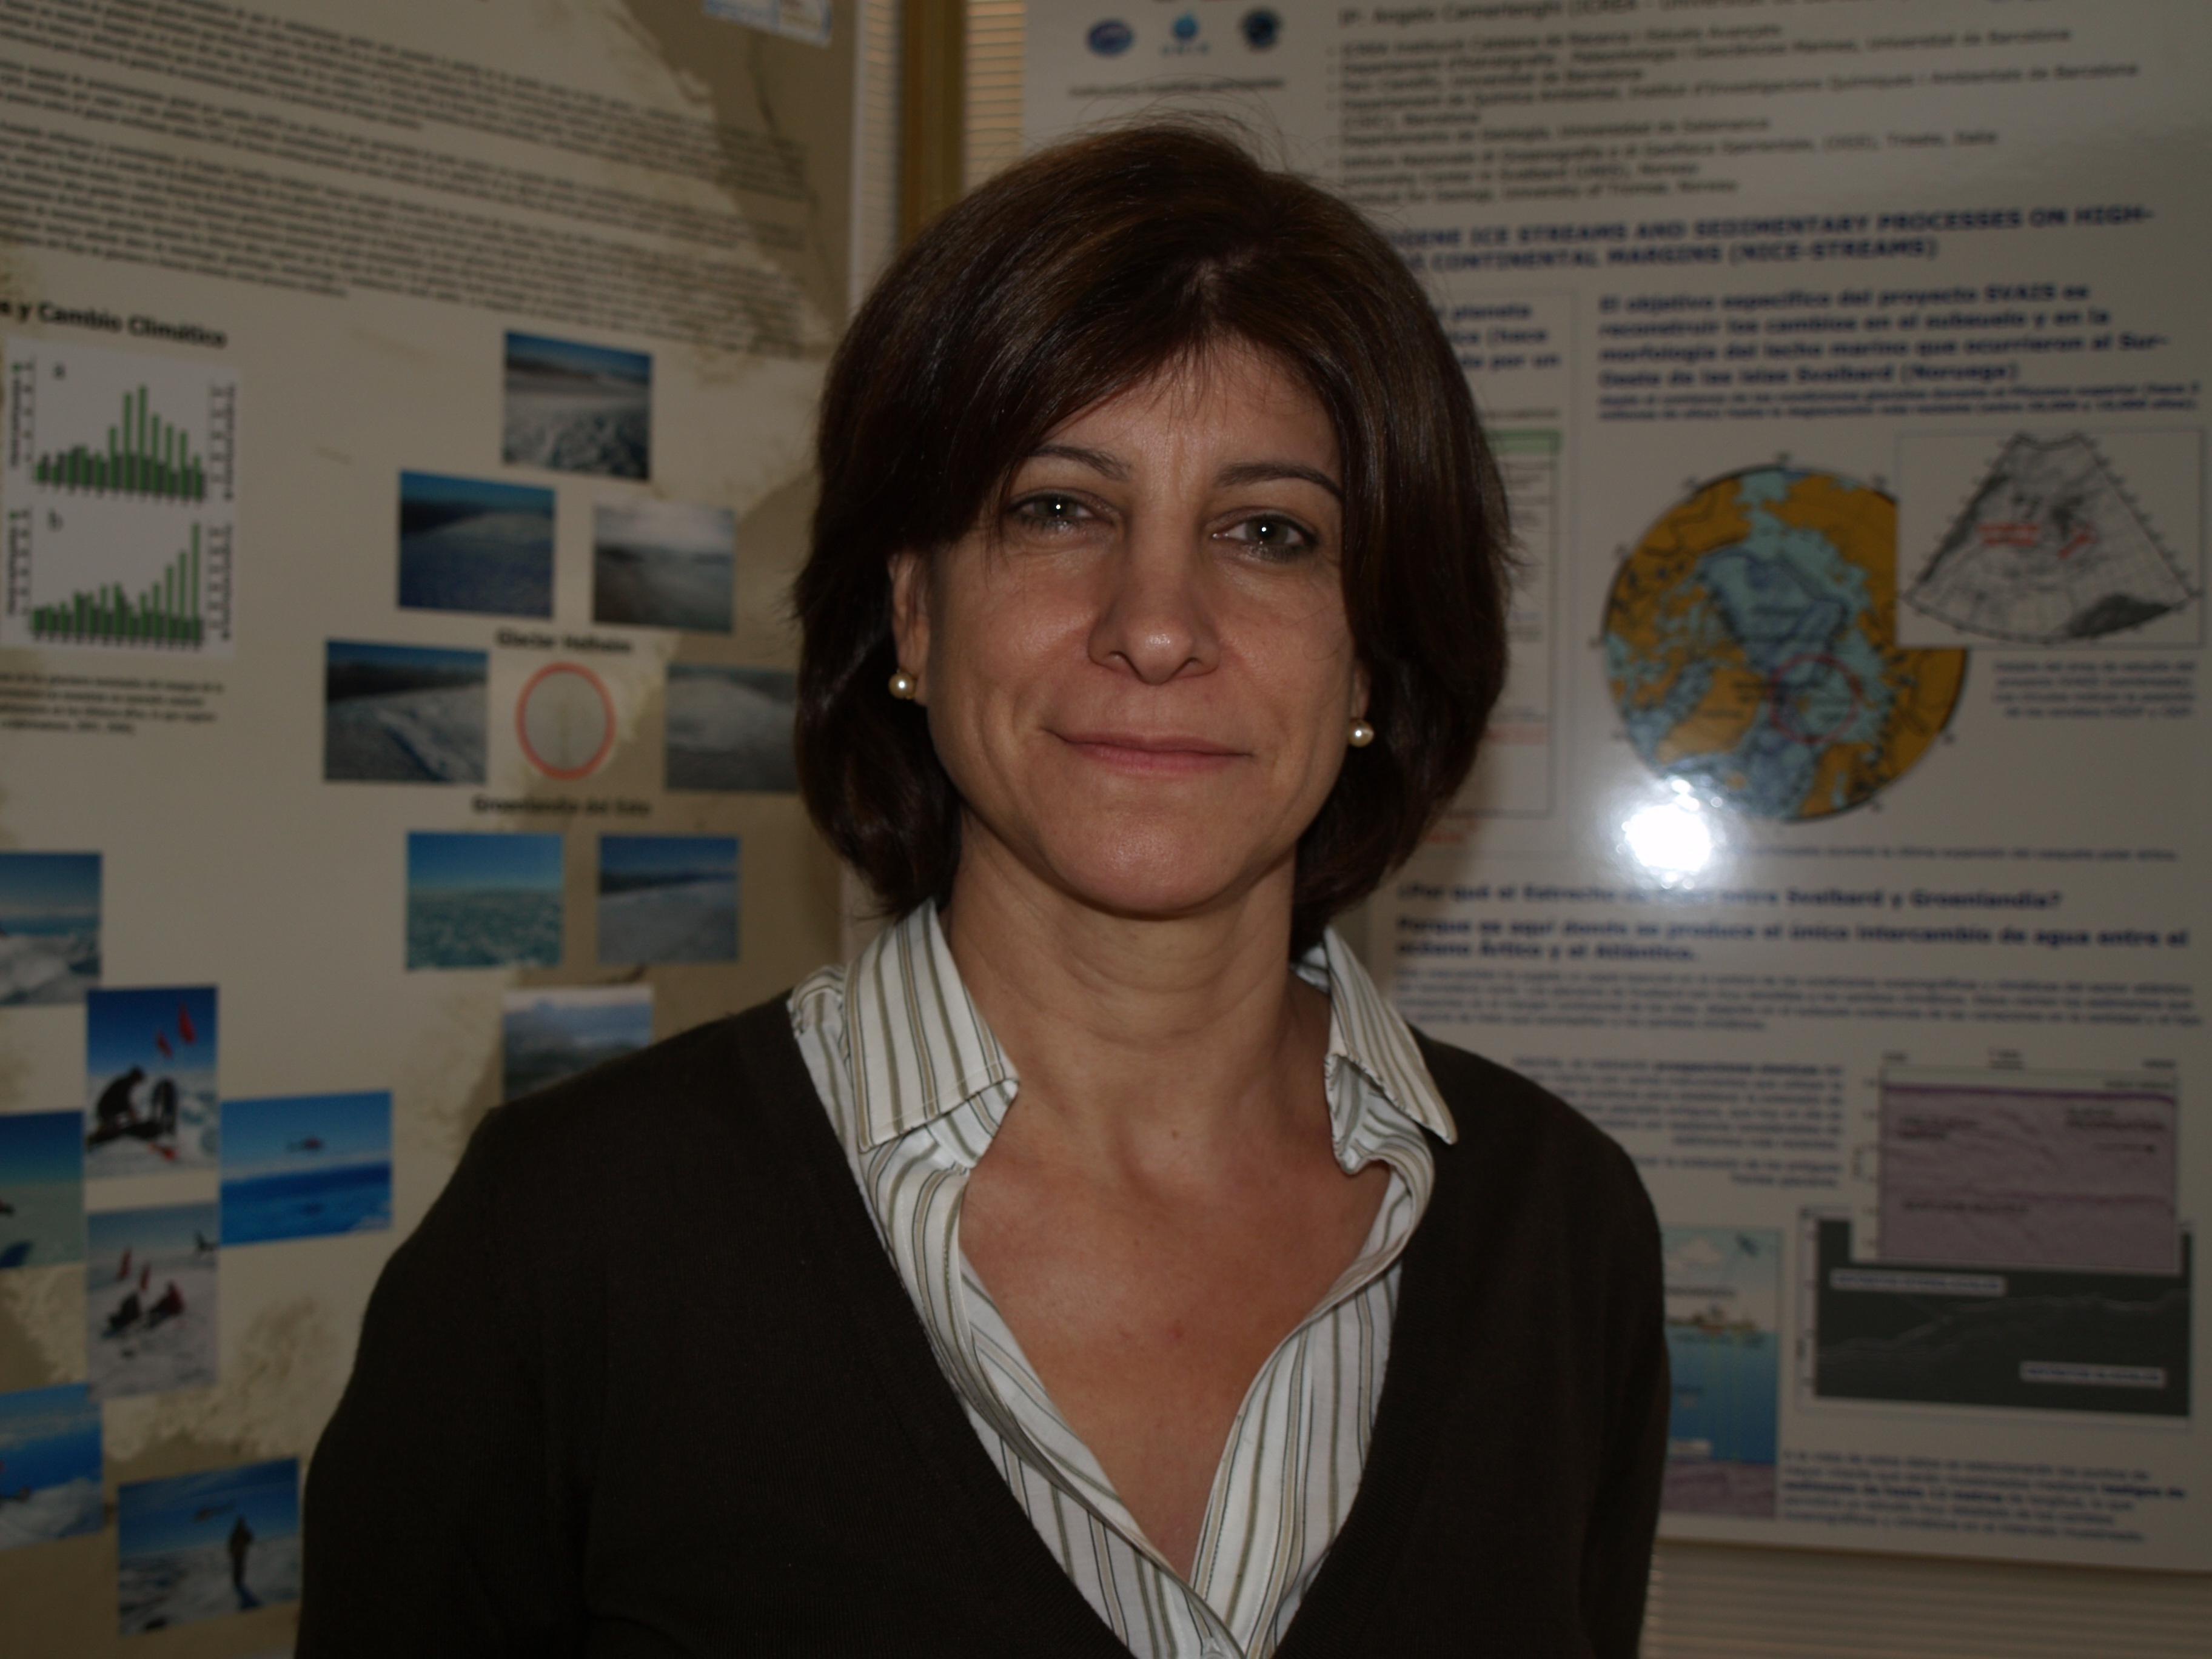 Foto: Agencia Iberoamericana para la Difusión de la Ciencia y la Tecnología